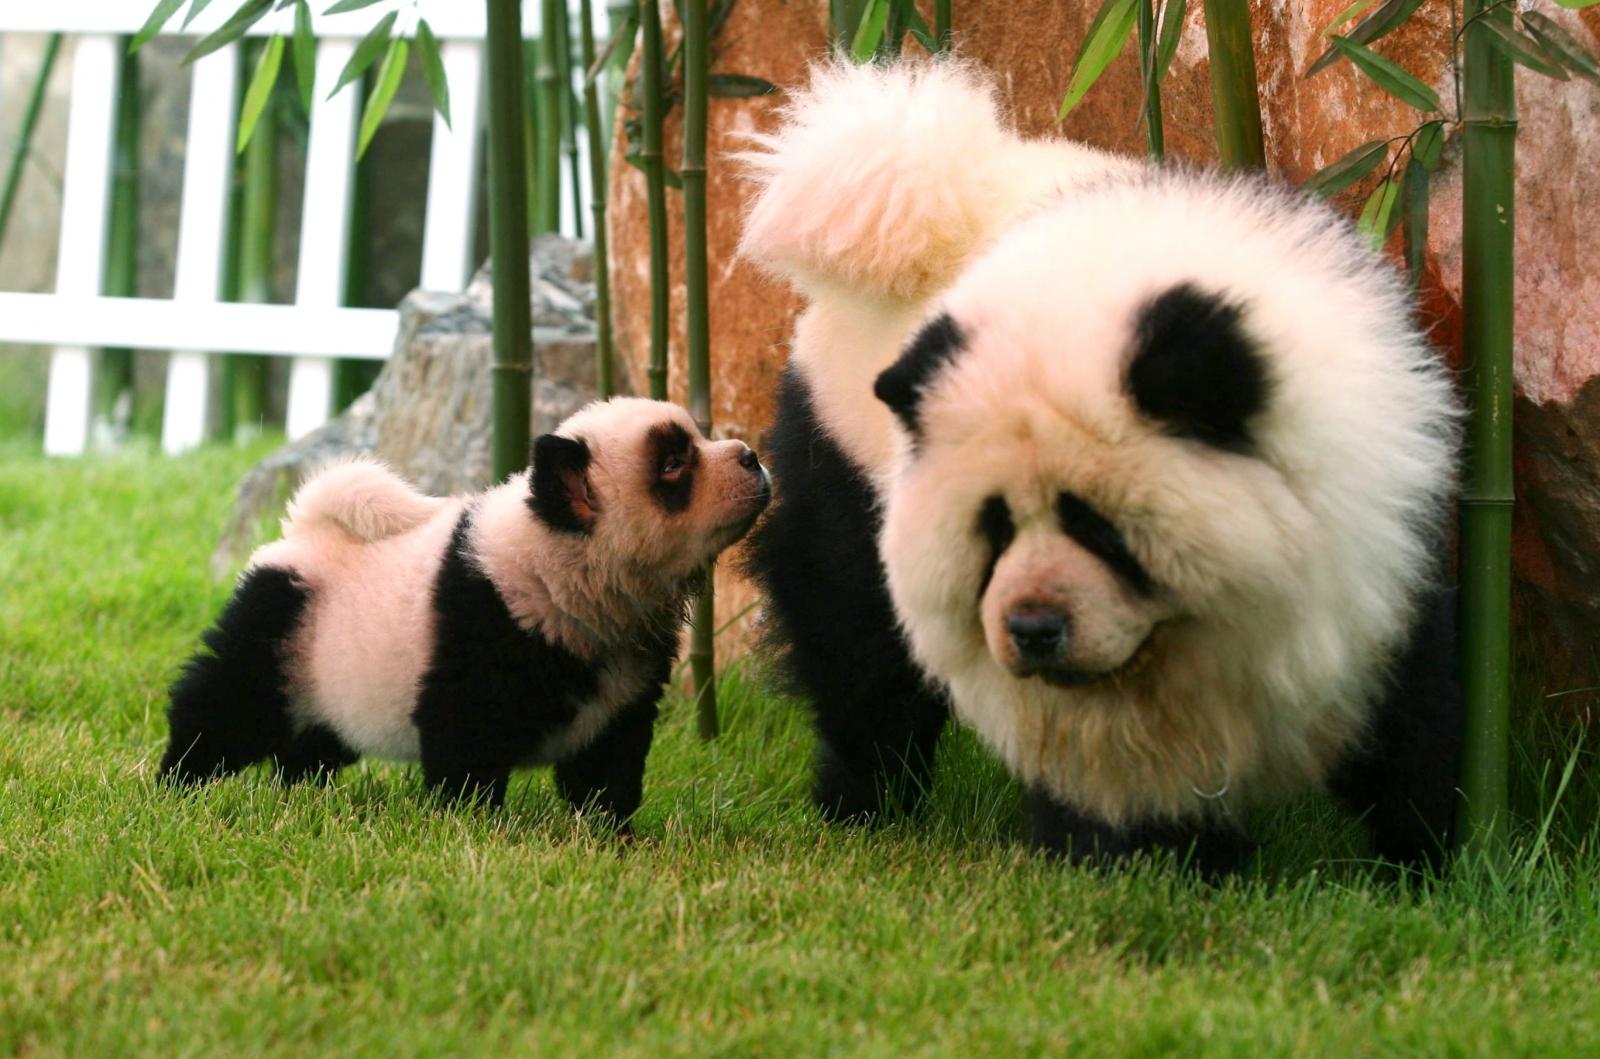 Chow Chow dogs  pandas Circus